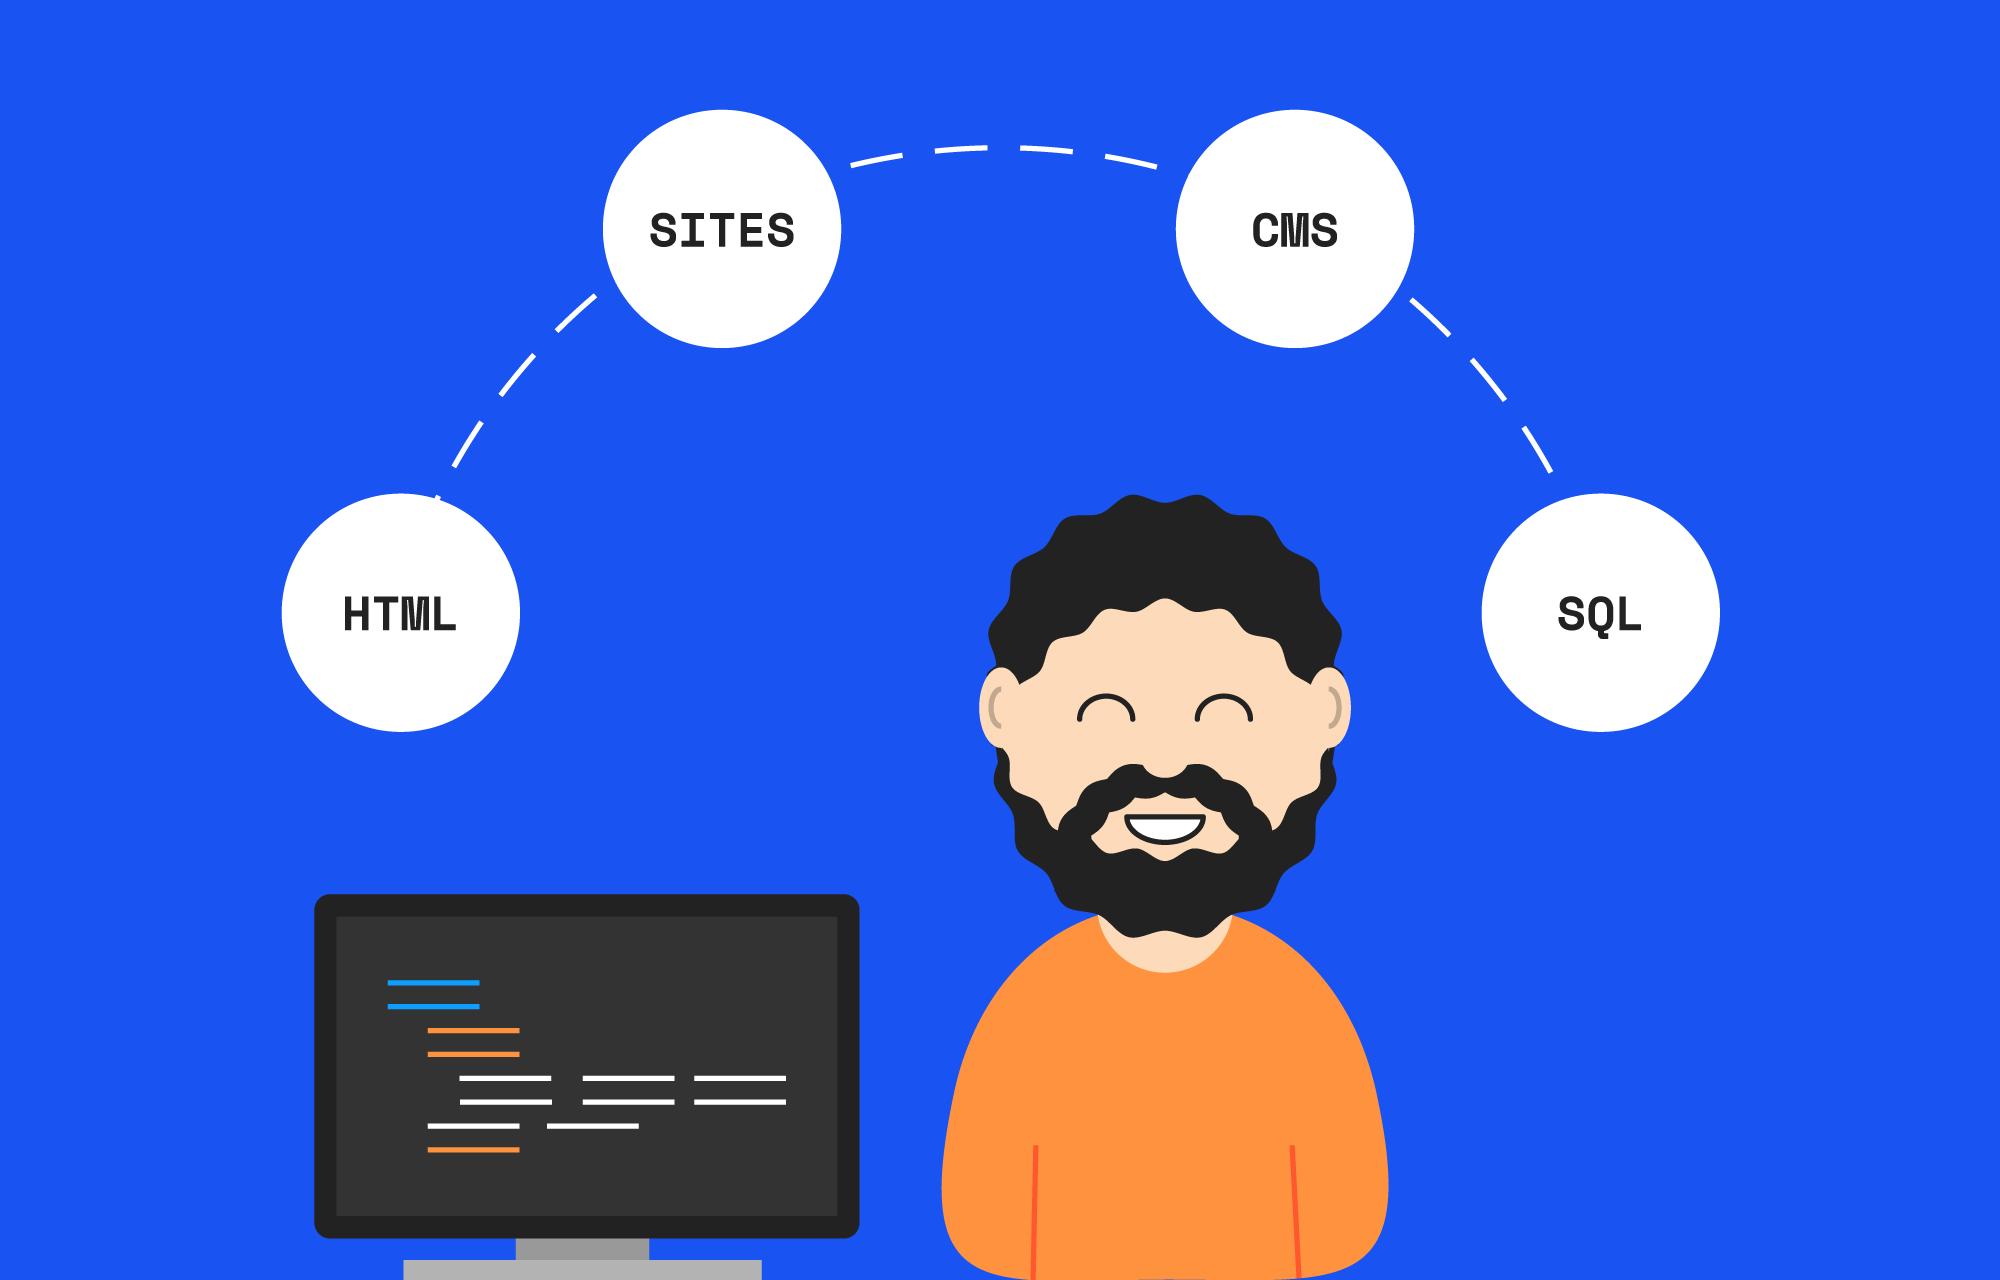 Webutvikler ved siden av en laptop som viser linjer med kode.